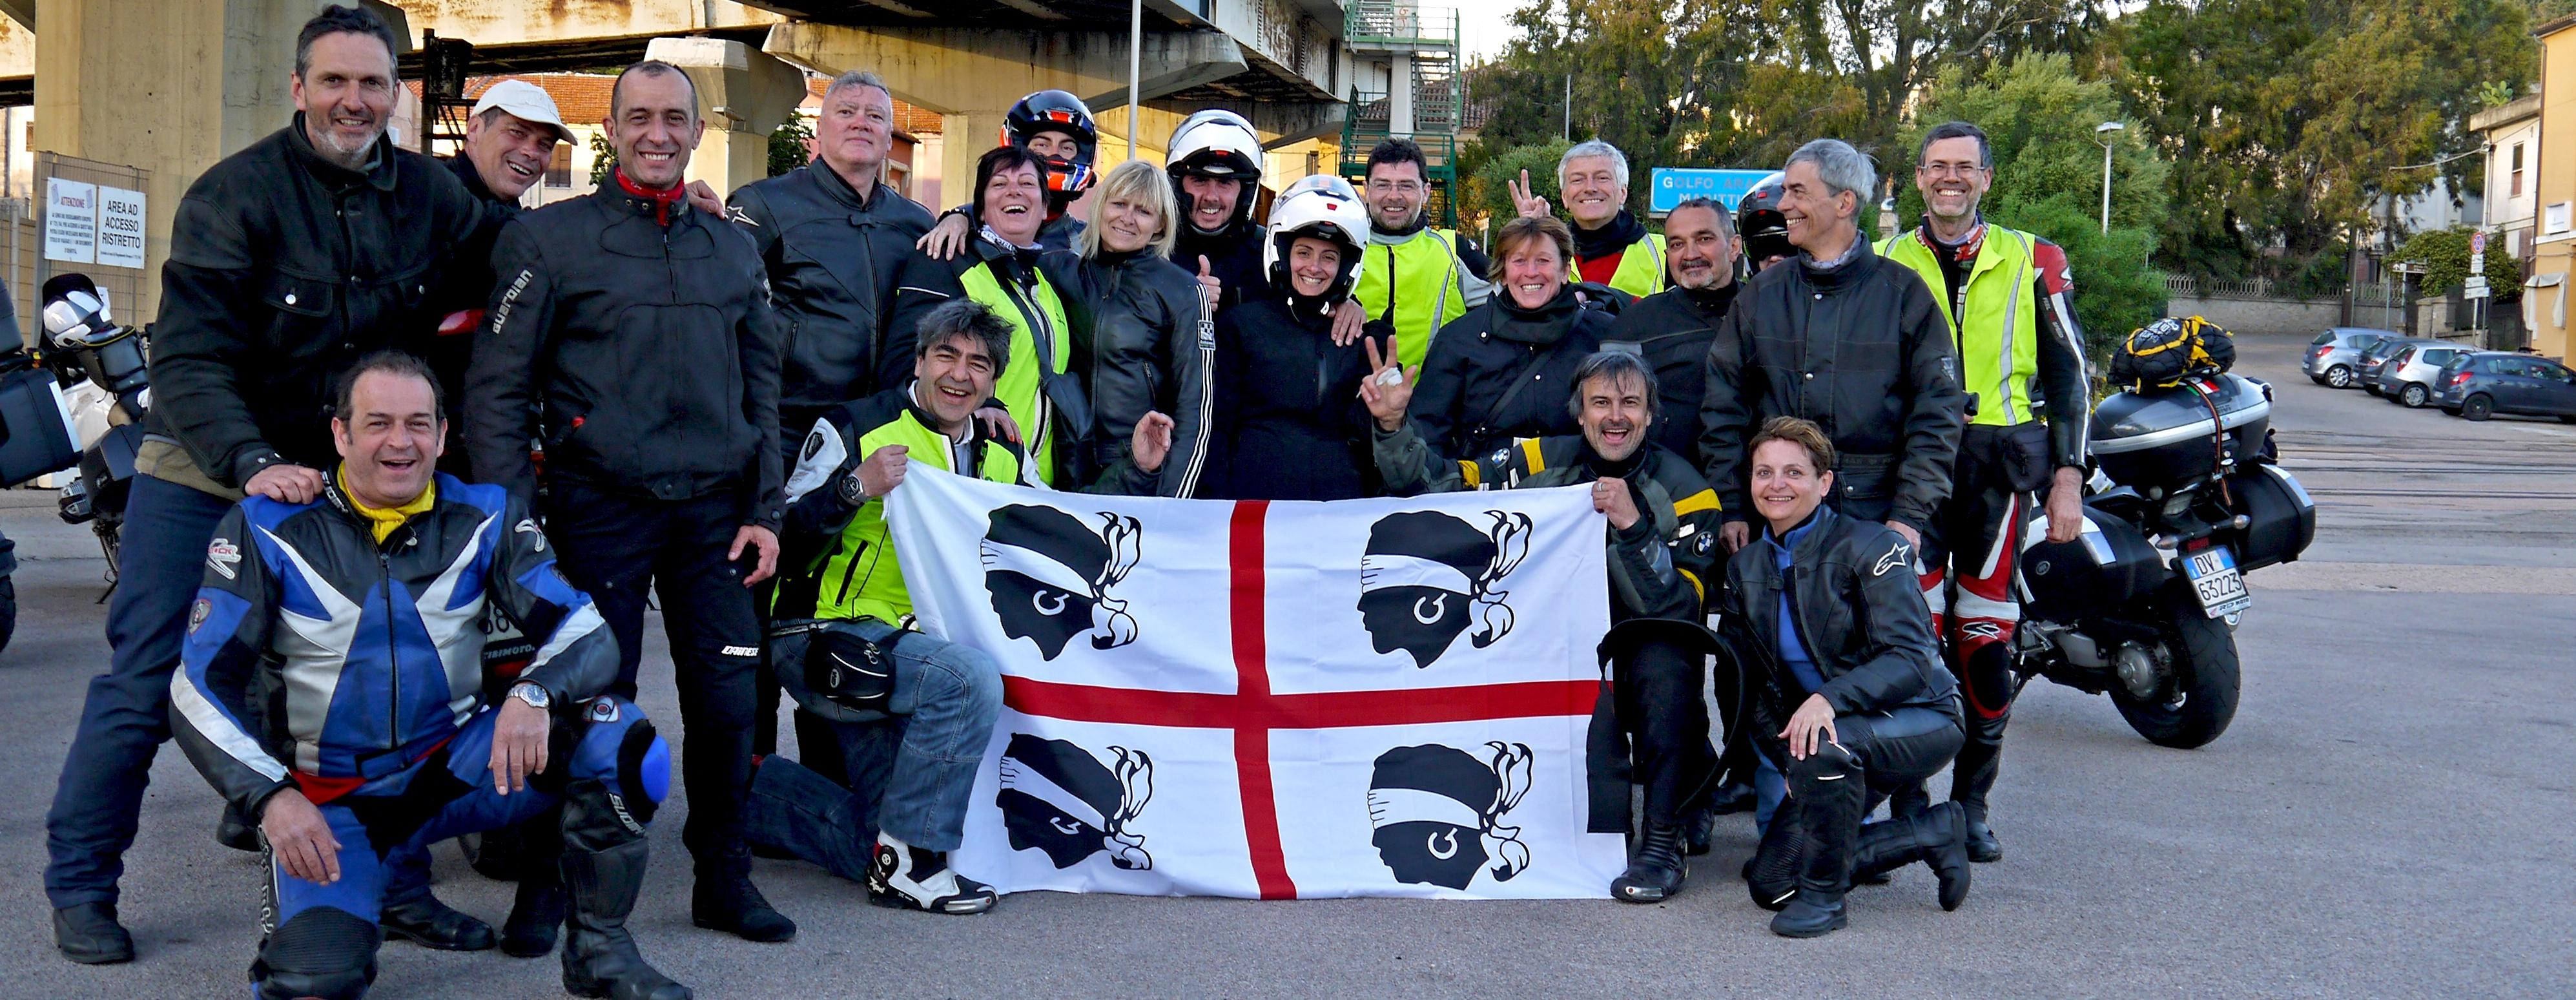 Sardinia-group0